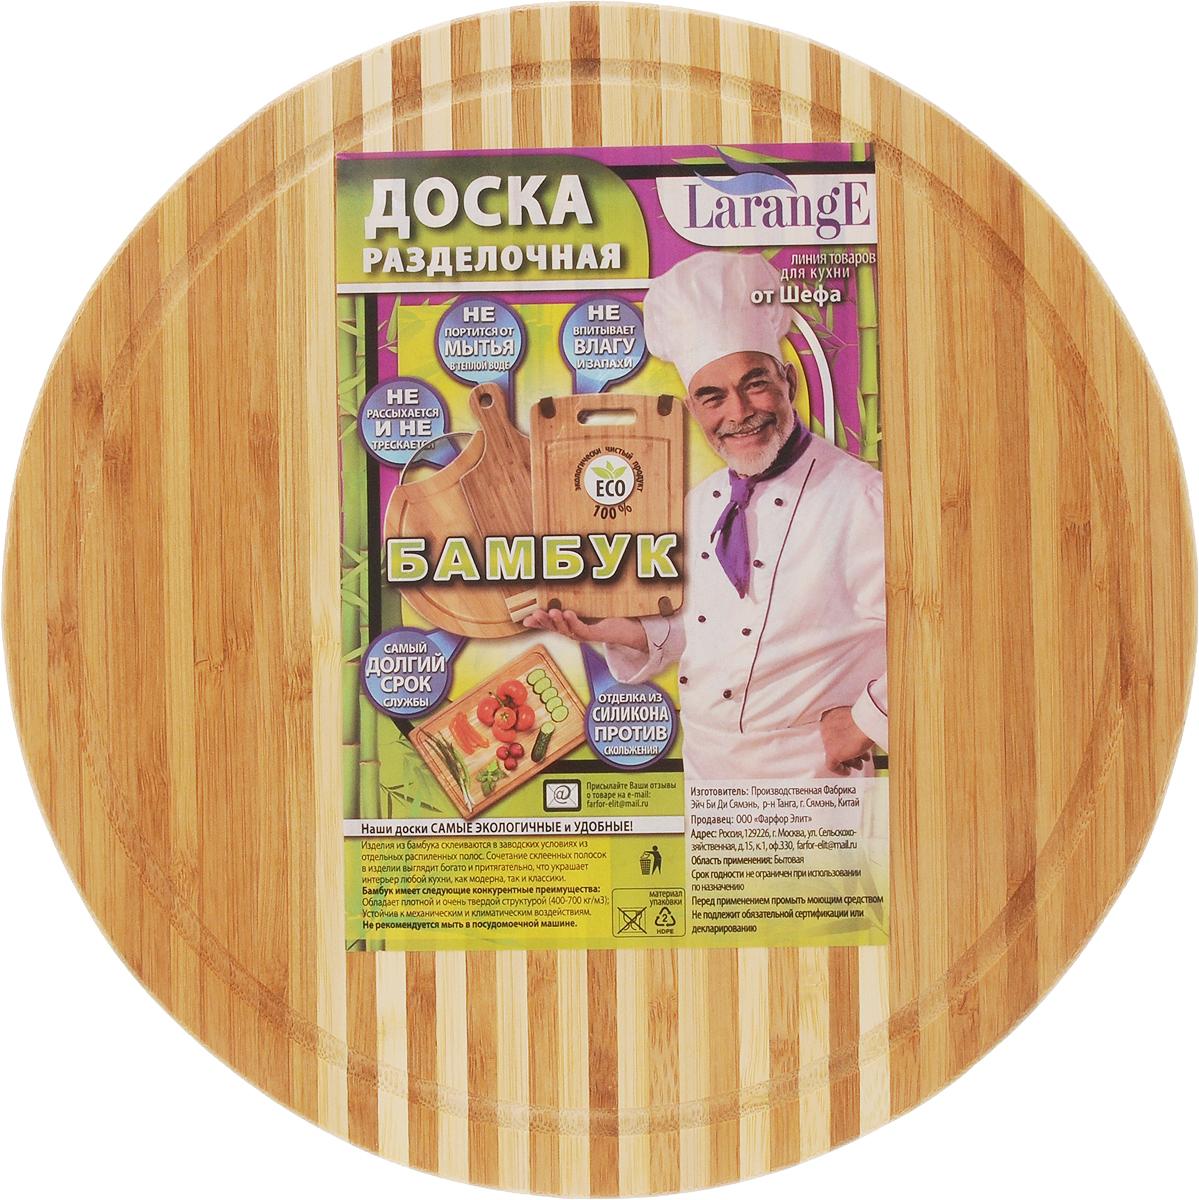 Доска разделочная LarangE От Шефа, 30 х 30 х 1,8 см624-173Доска разделочная LarangE От Шефа изготовлена из высококачественного бамбука. Доска предназначена для нарезки продуктов, может служить как подставка для закусок (например, суши). Доска снабжена желобом для стока жидкости. Такая доска станет отличным приобретением для вашей кухни.